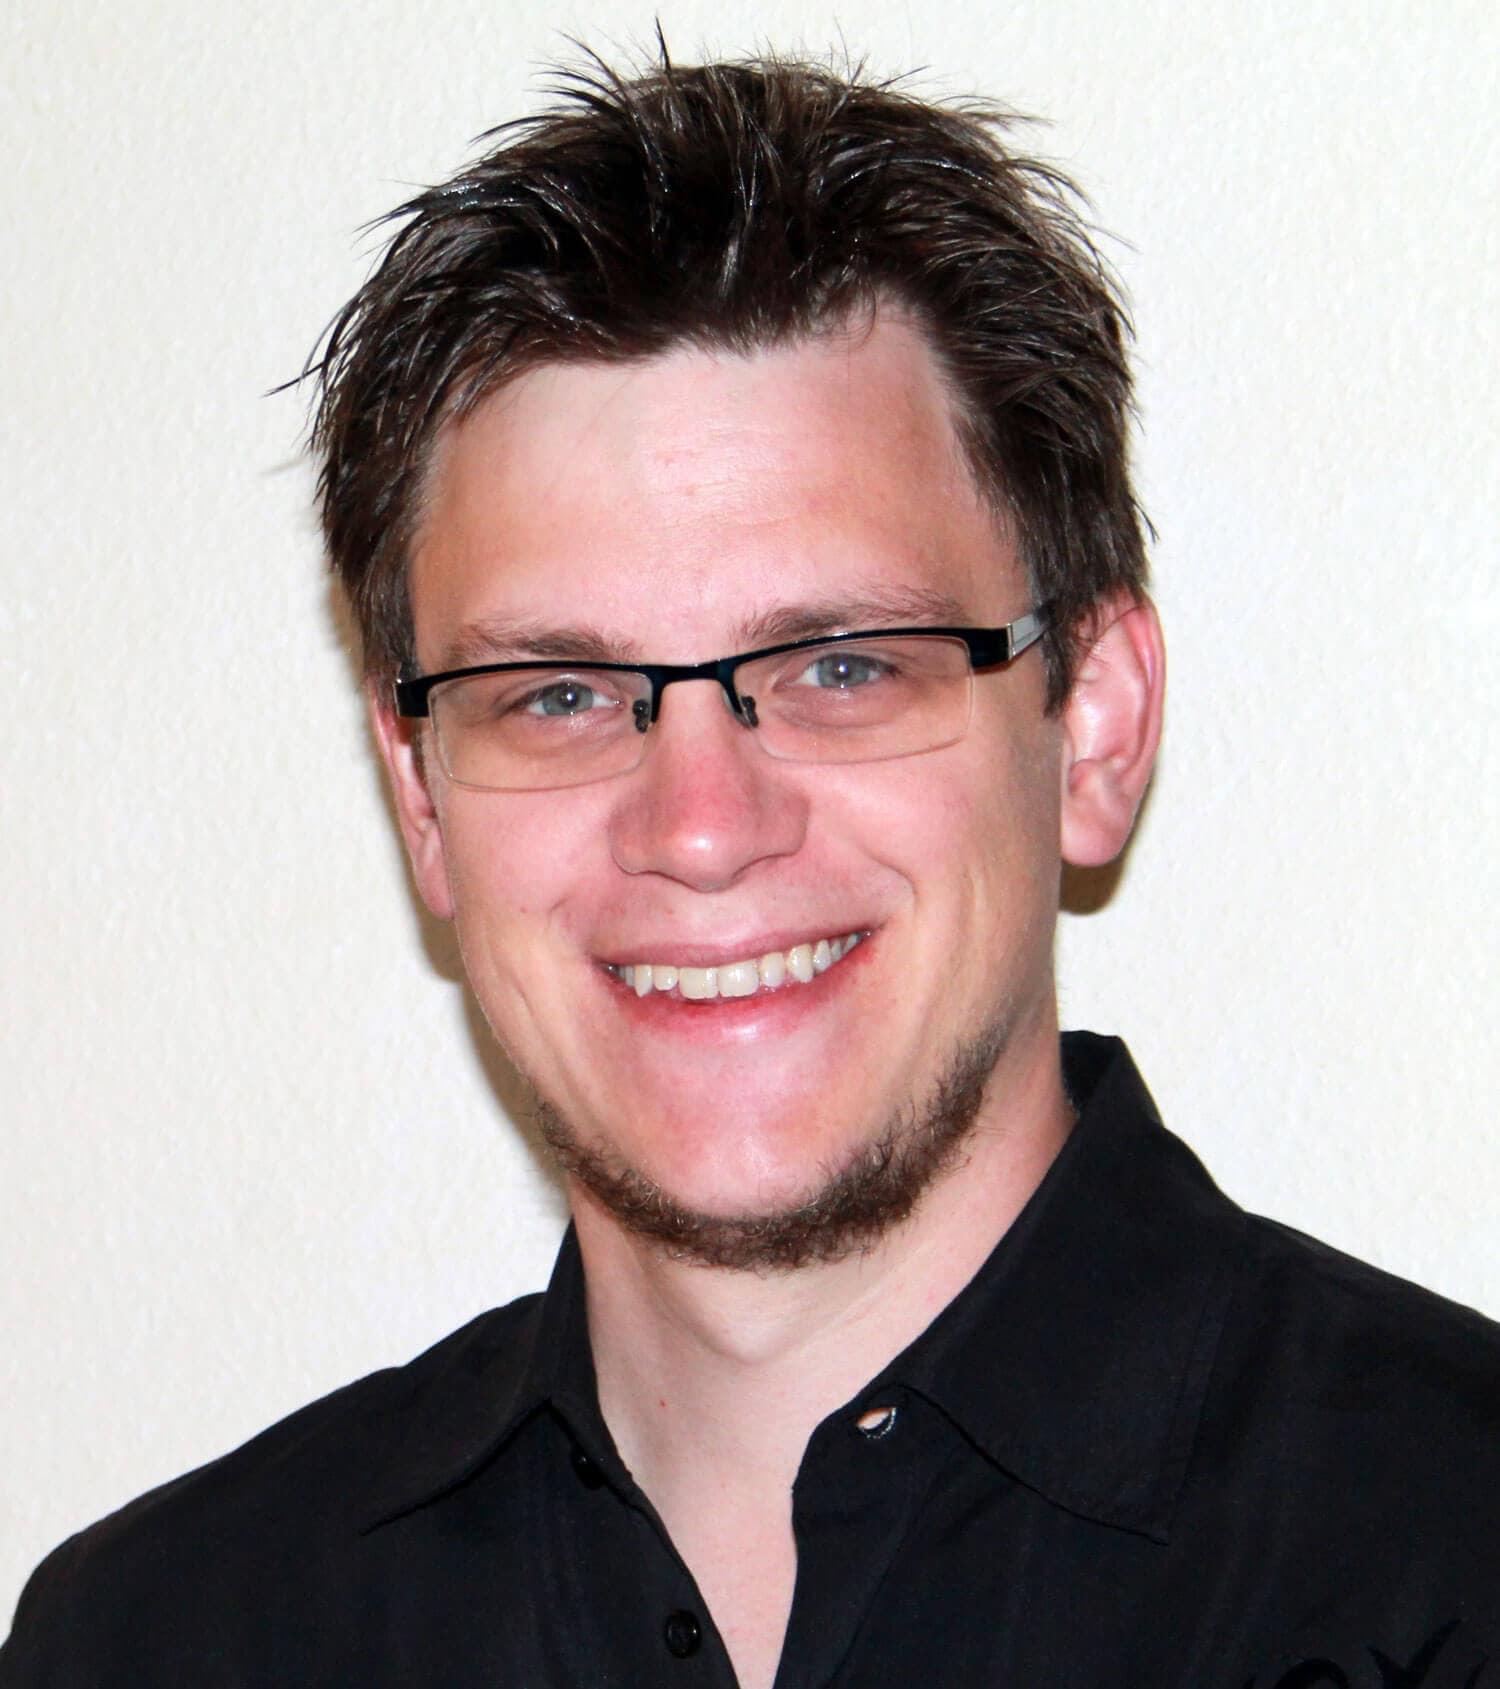 Samuel Nitsche